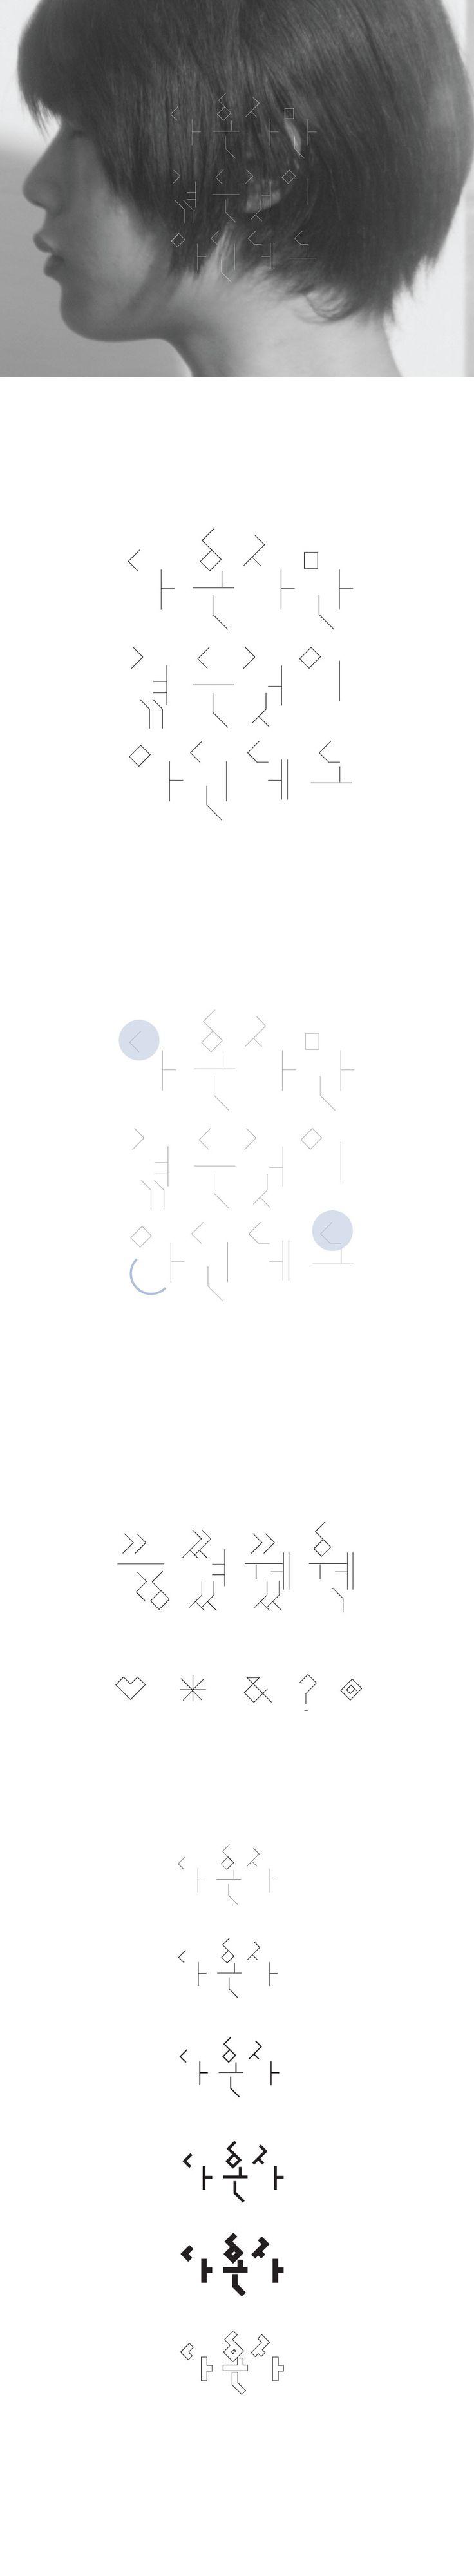 김주리│ Typography Design 2015│ Major in Digital Media Design│#hicoda │hicoda.hongik.ac.kr